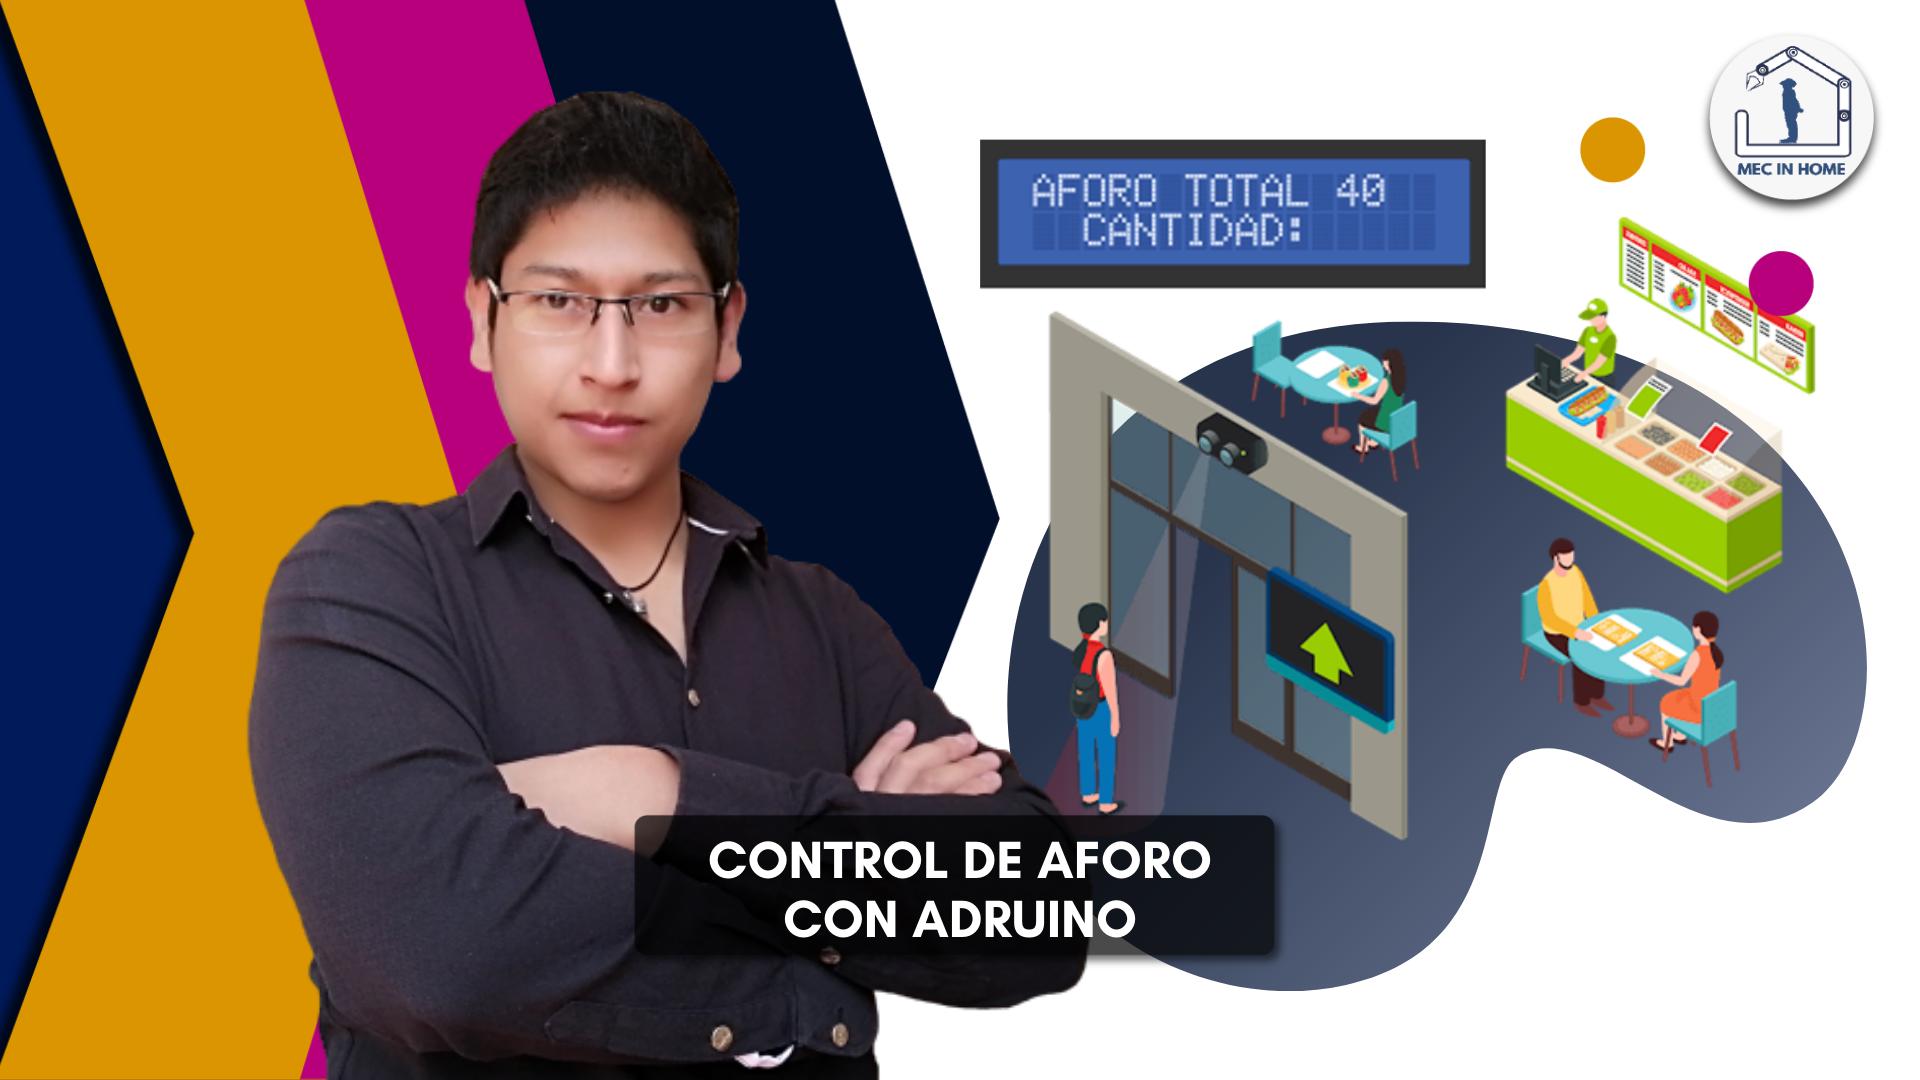 CONTROL DE AFORO